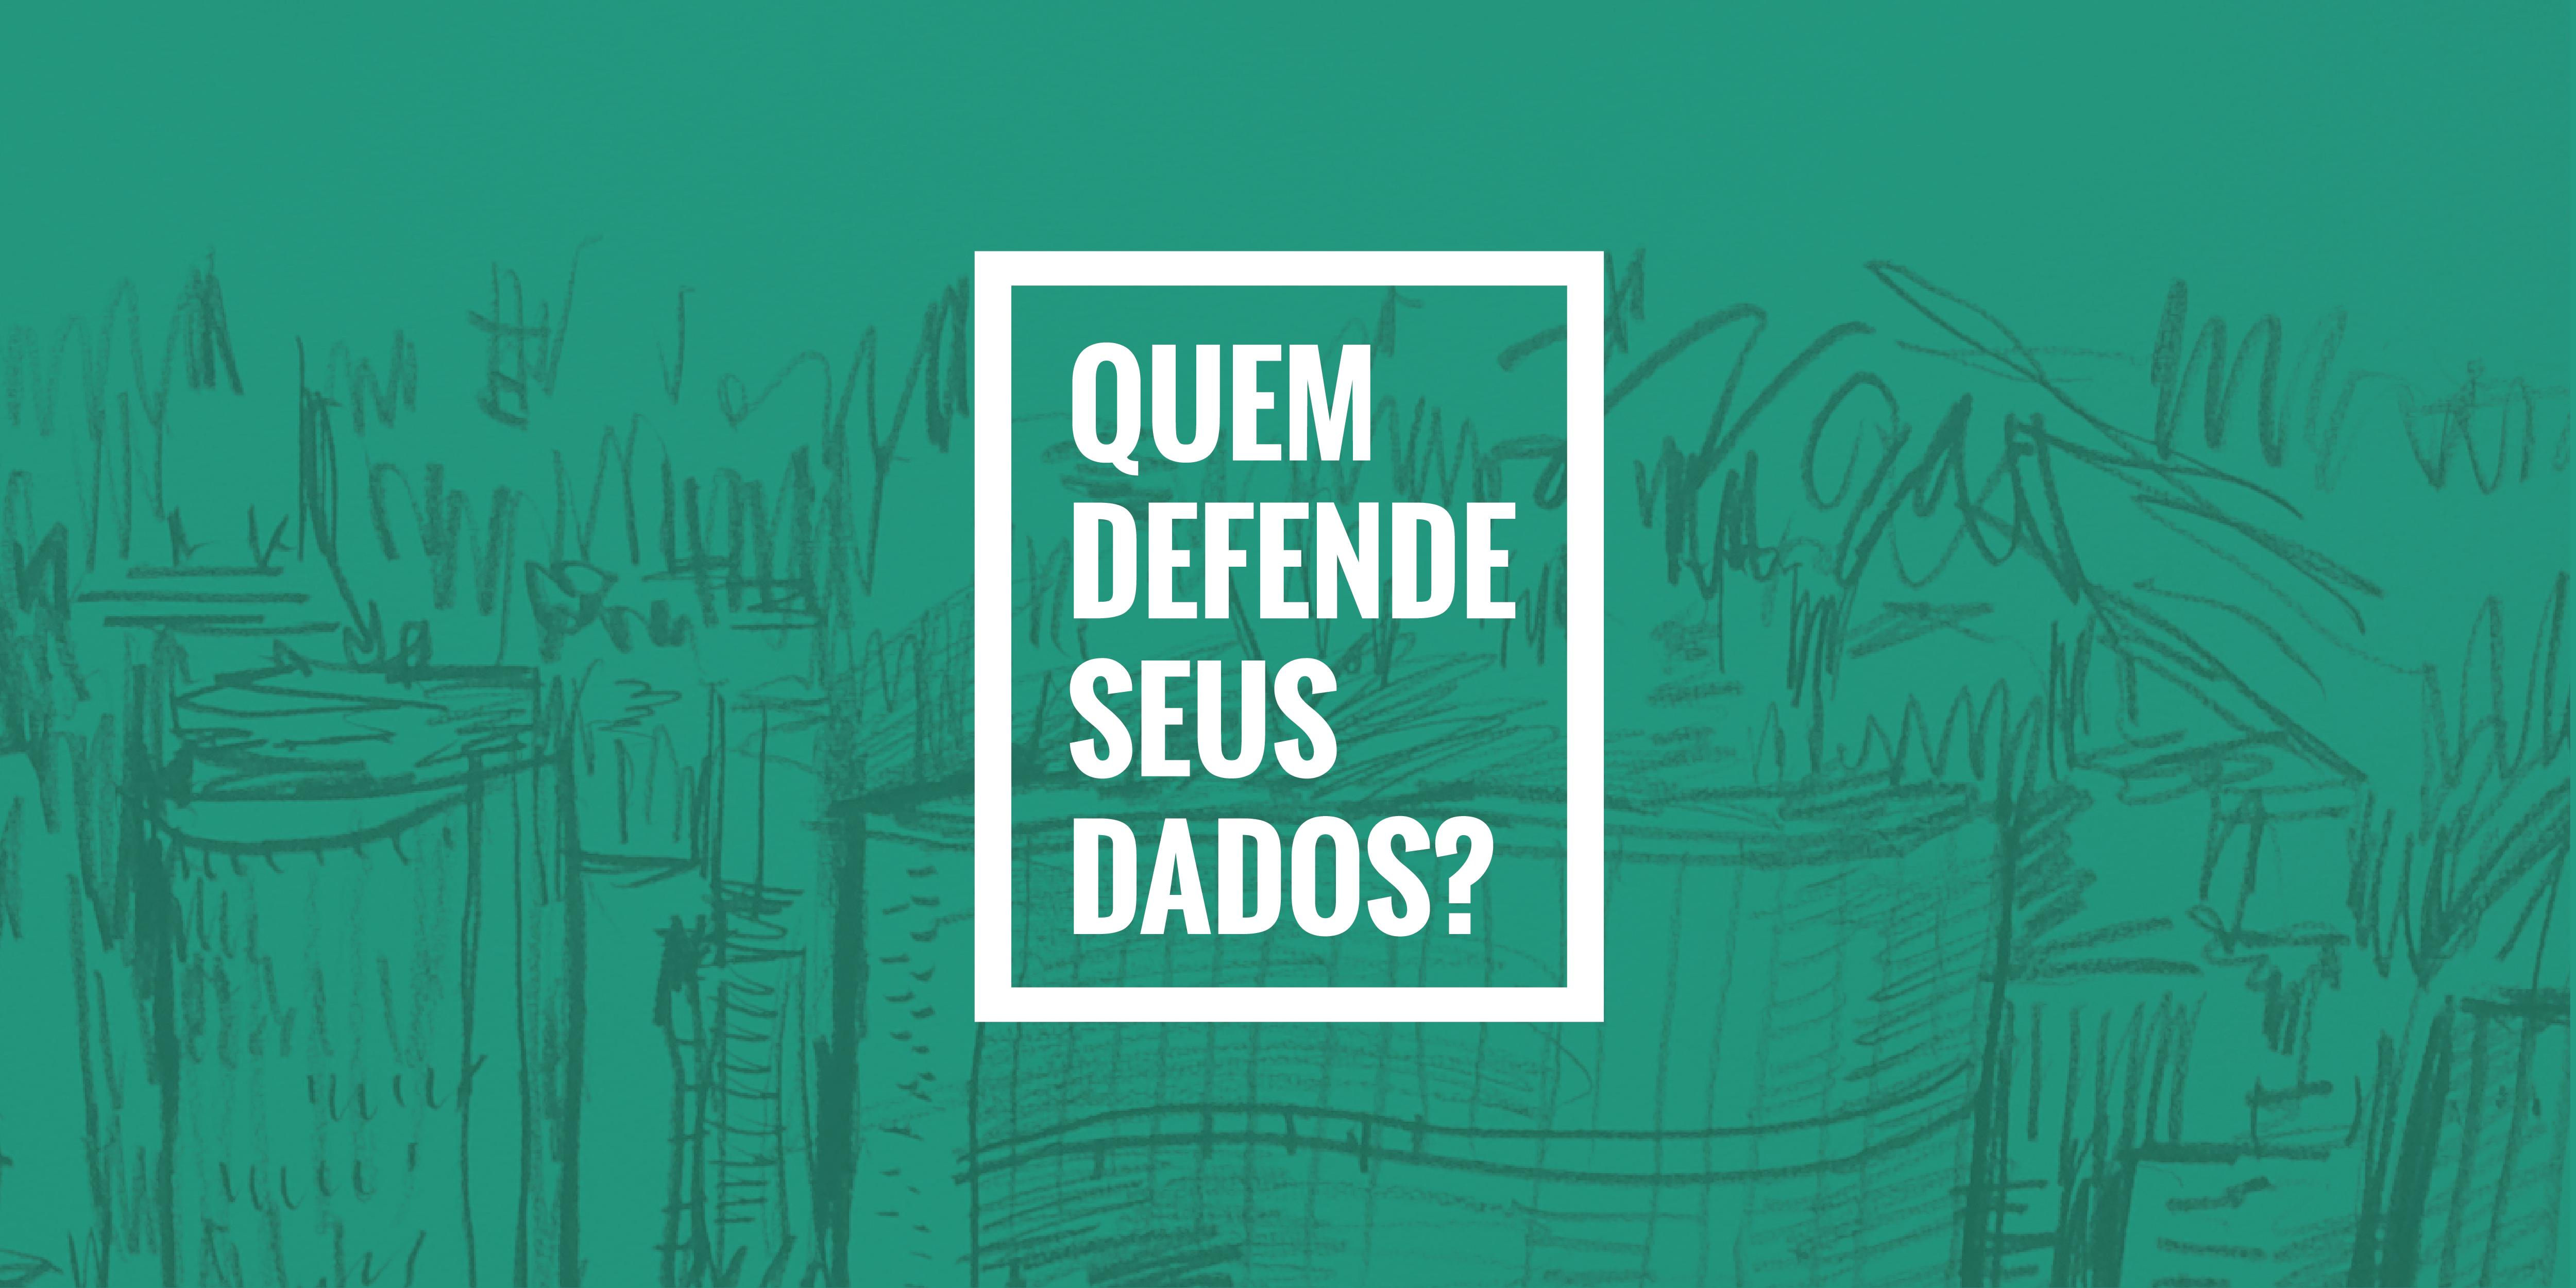 Quem defende seus dados no Brasil? Segundo relatório anual mostra melhora na privacidade das telecomunicações